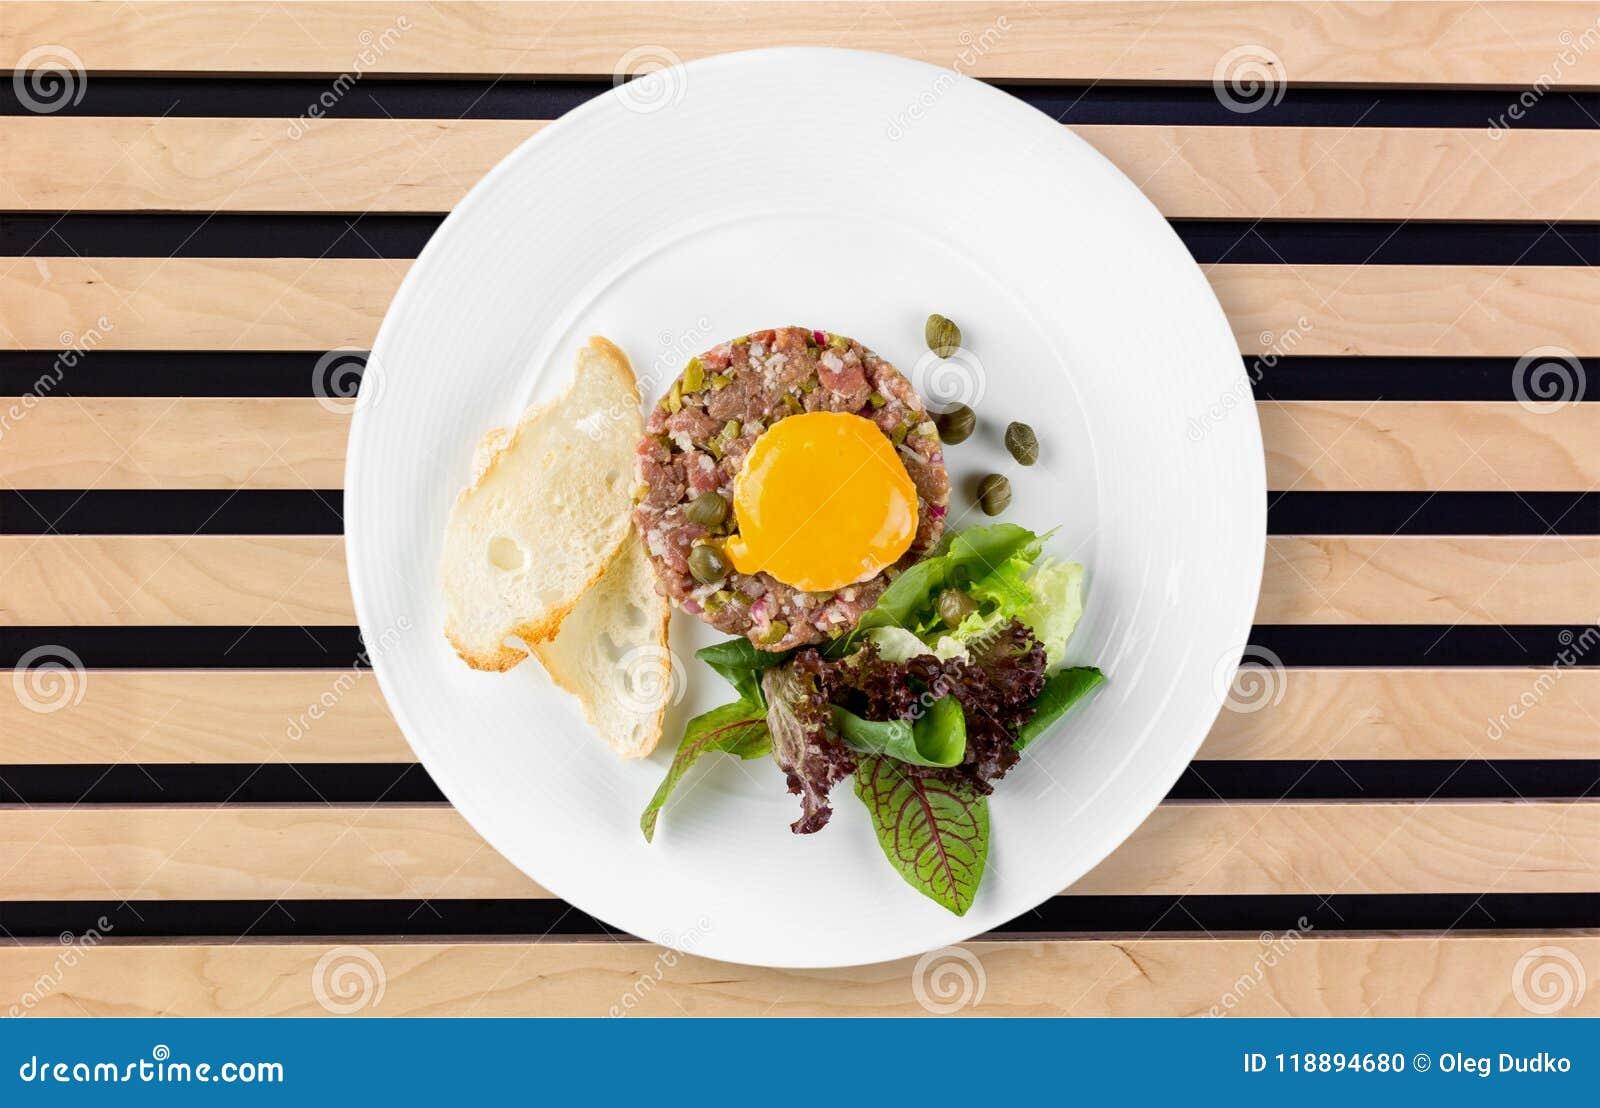 Placa de la comida en el escritorio